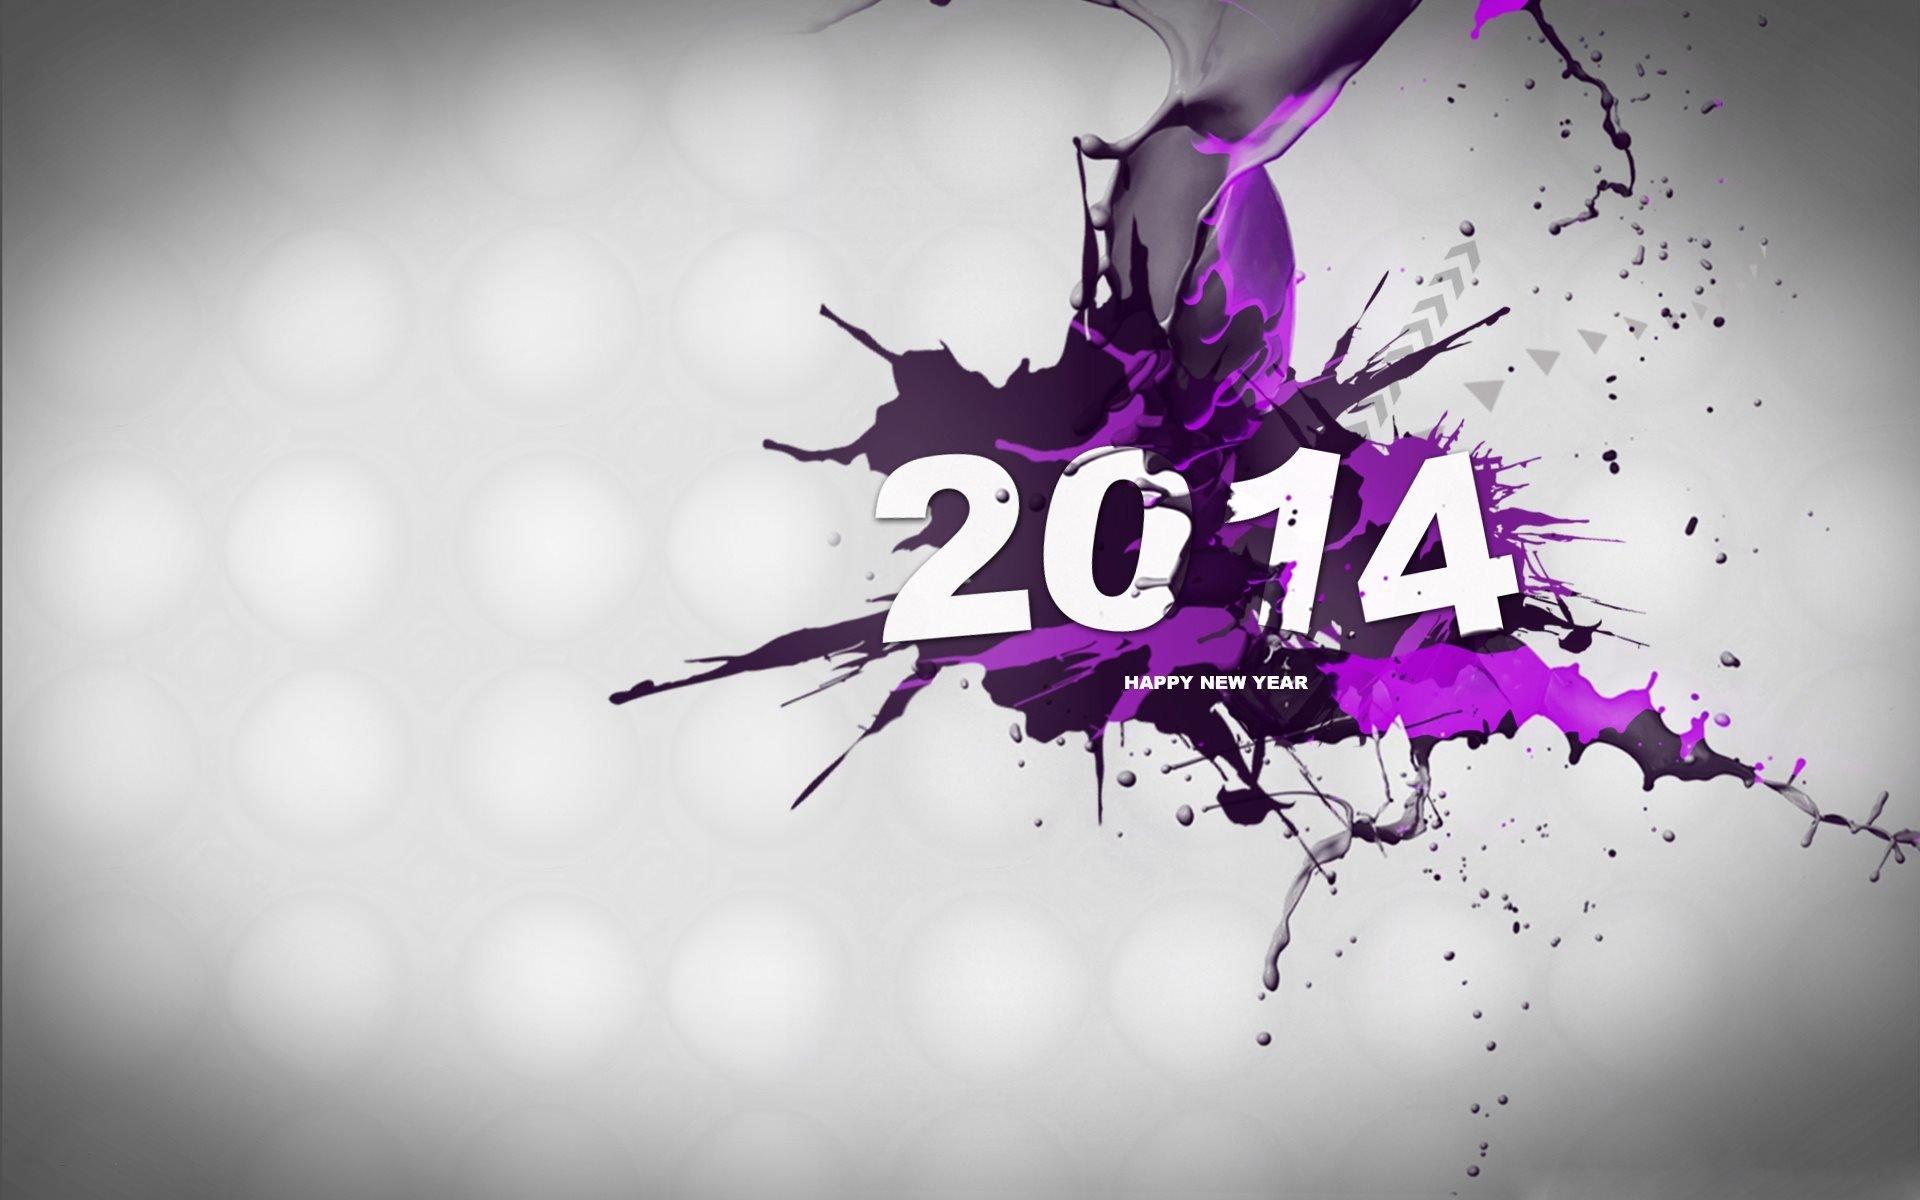 Wakacje - Nowy Rok 2014  Nowy rok Tapeta